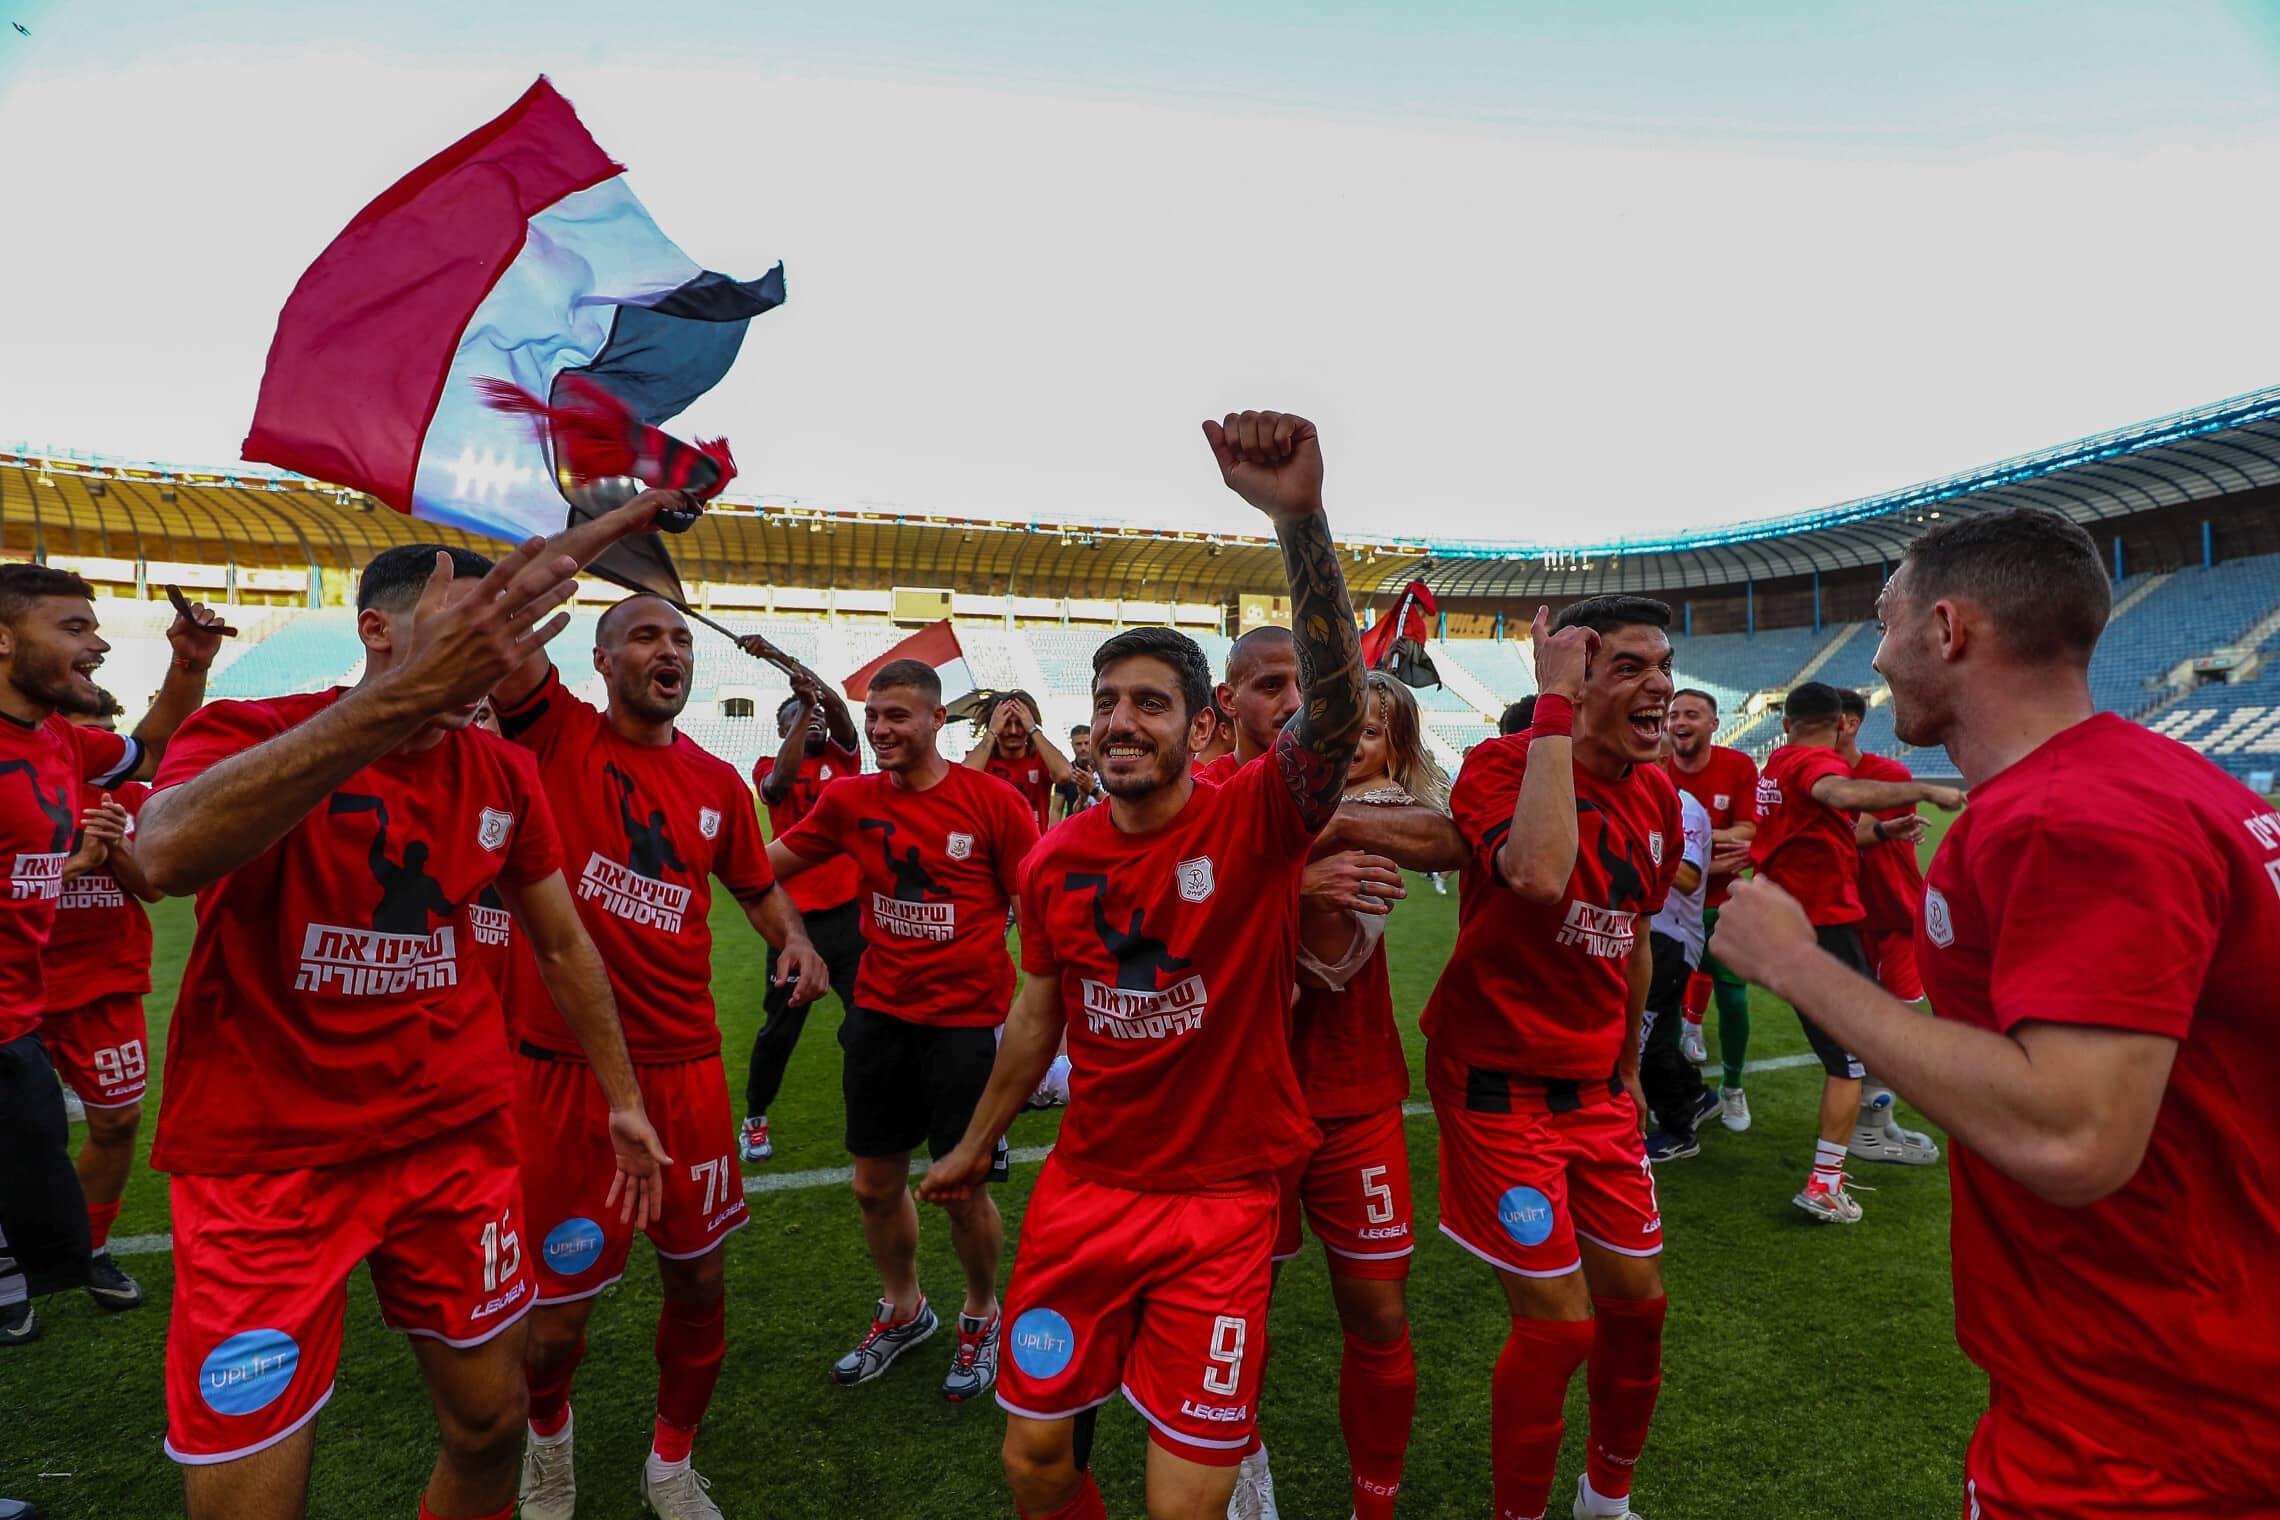 שחקני הפועל ירושלים חוגגים את העלייה לליגת העל בכדורגל, 30 באפריל 2021 (צילום: פלאש90)